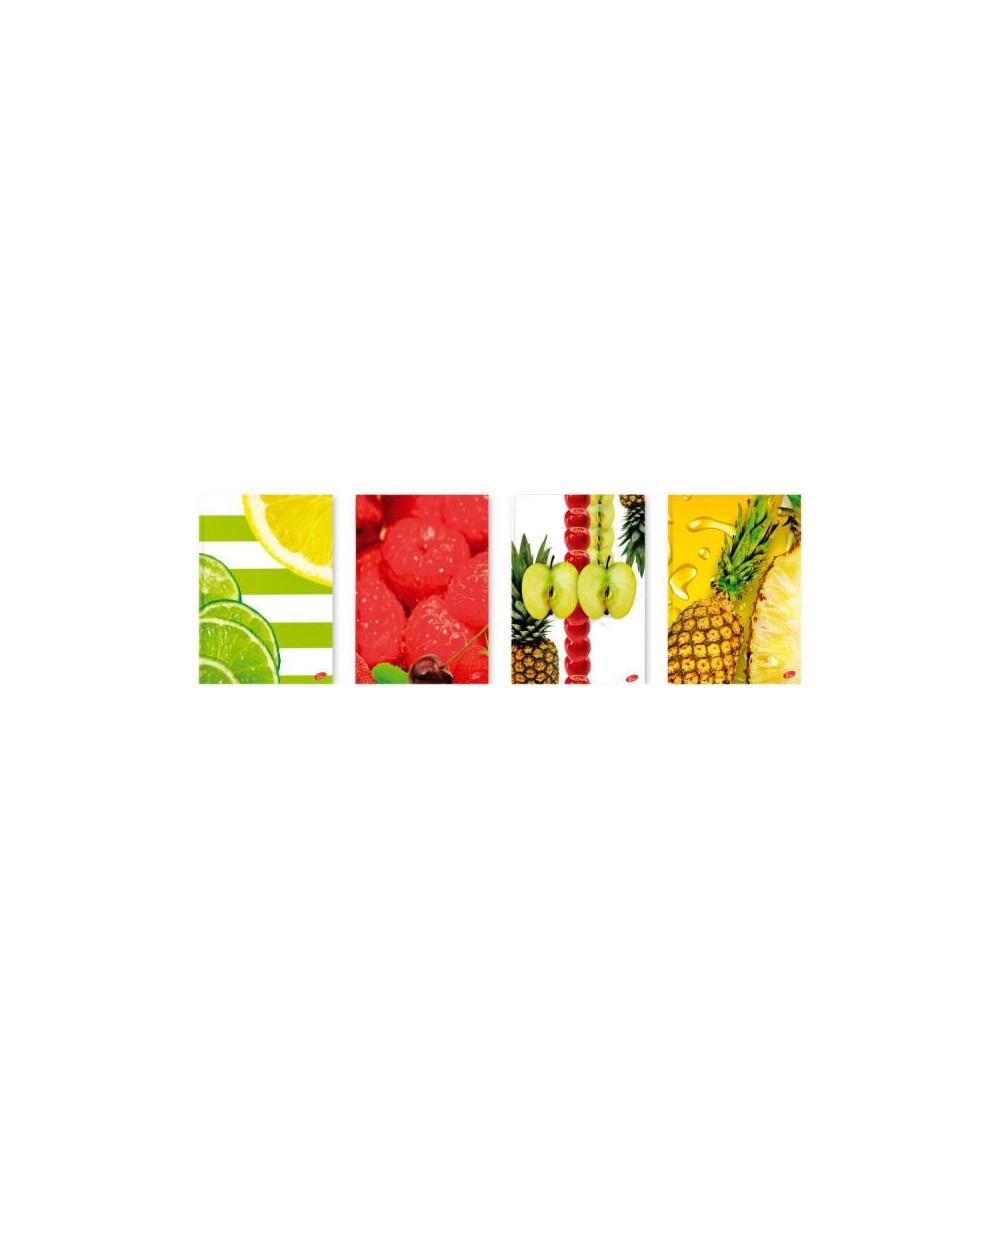 Тетрадка A4 тв.корица Fruits, 96 л.ред, 80 г/м2